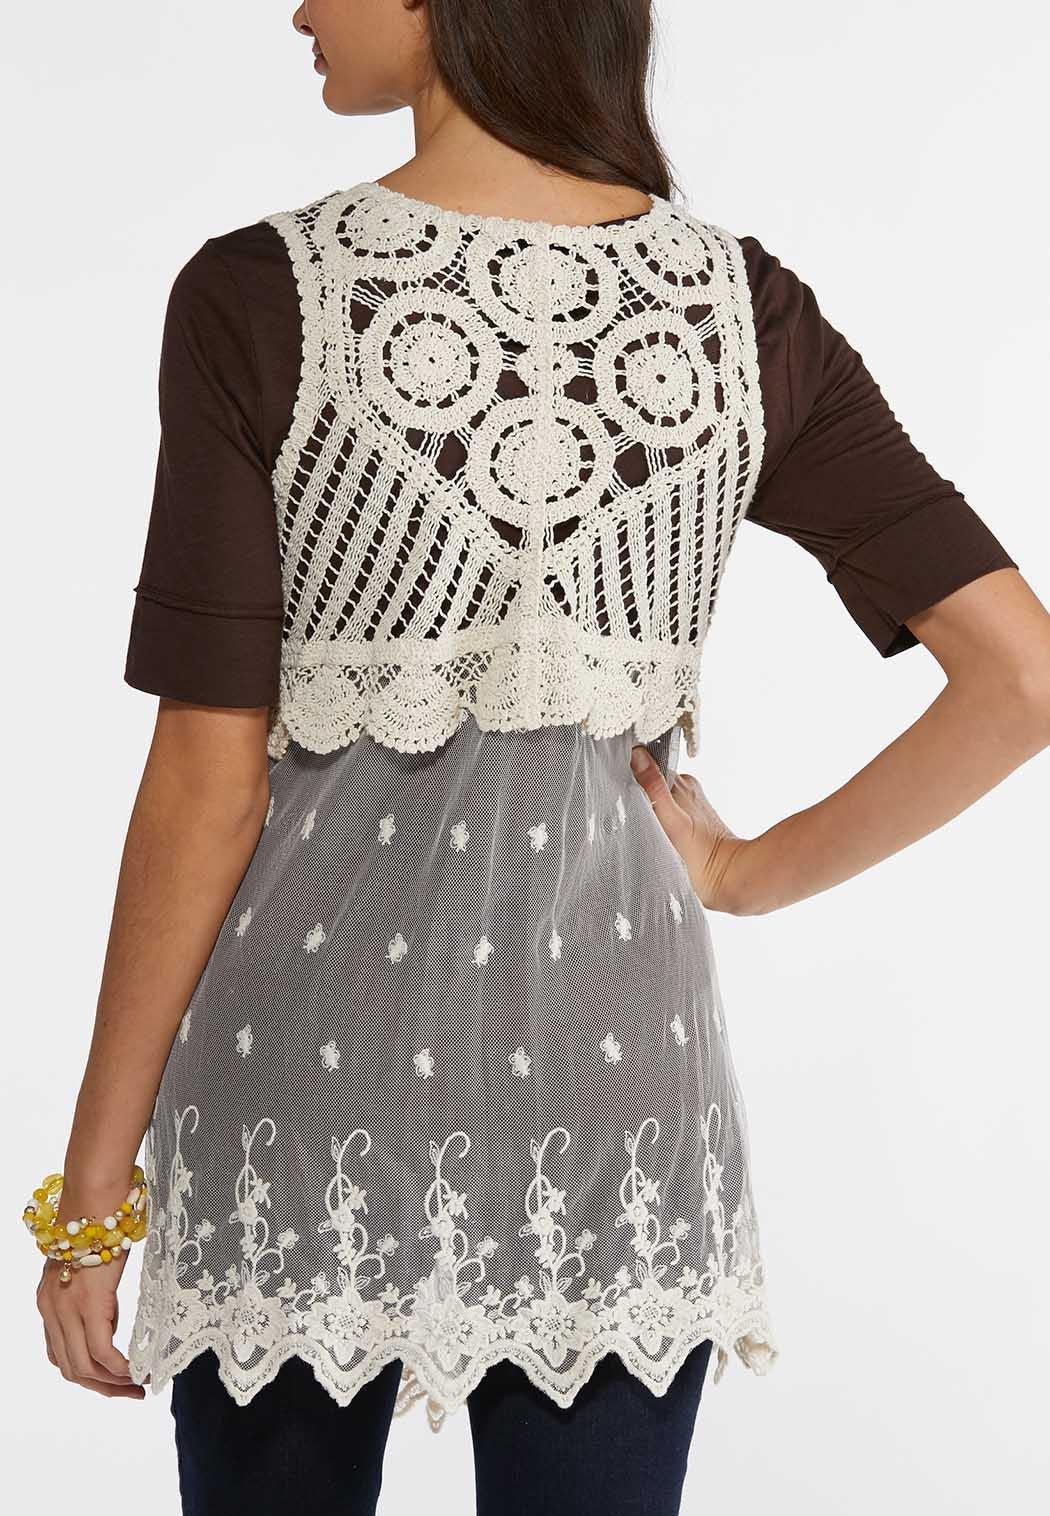 Plus Size Mesh Crochet Vest Vests Cato Fashions